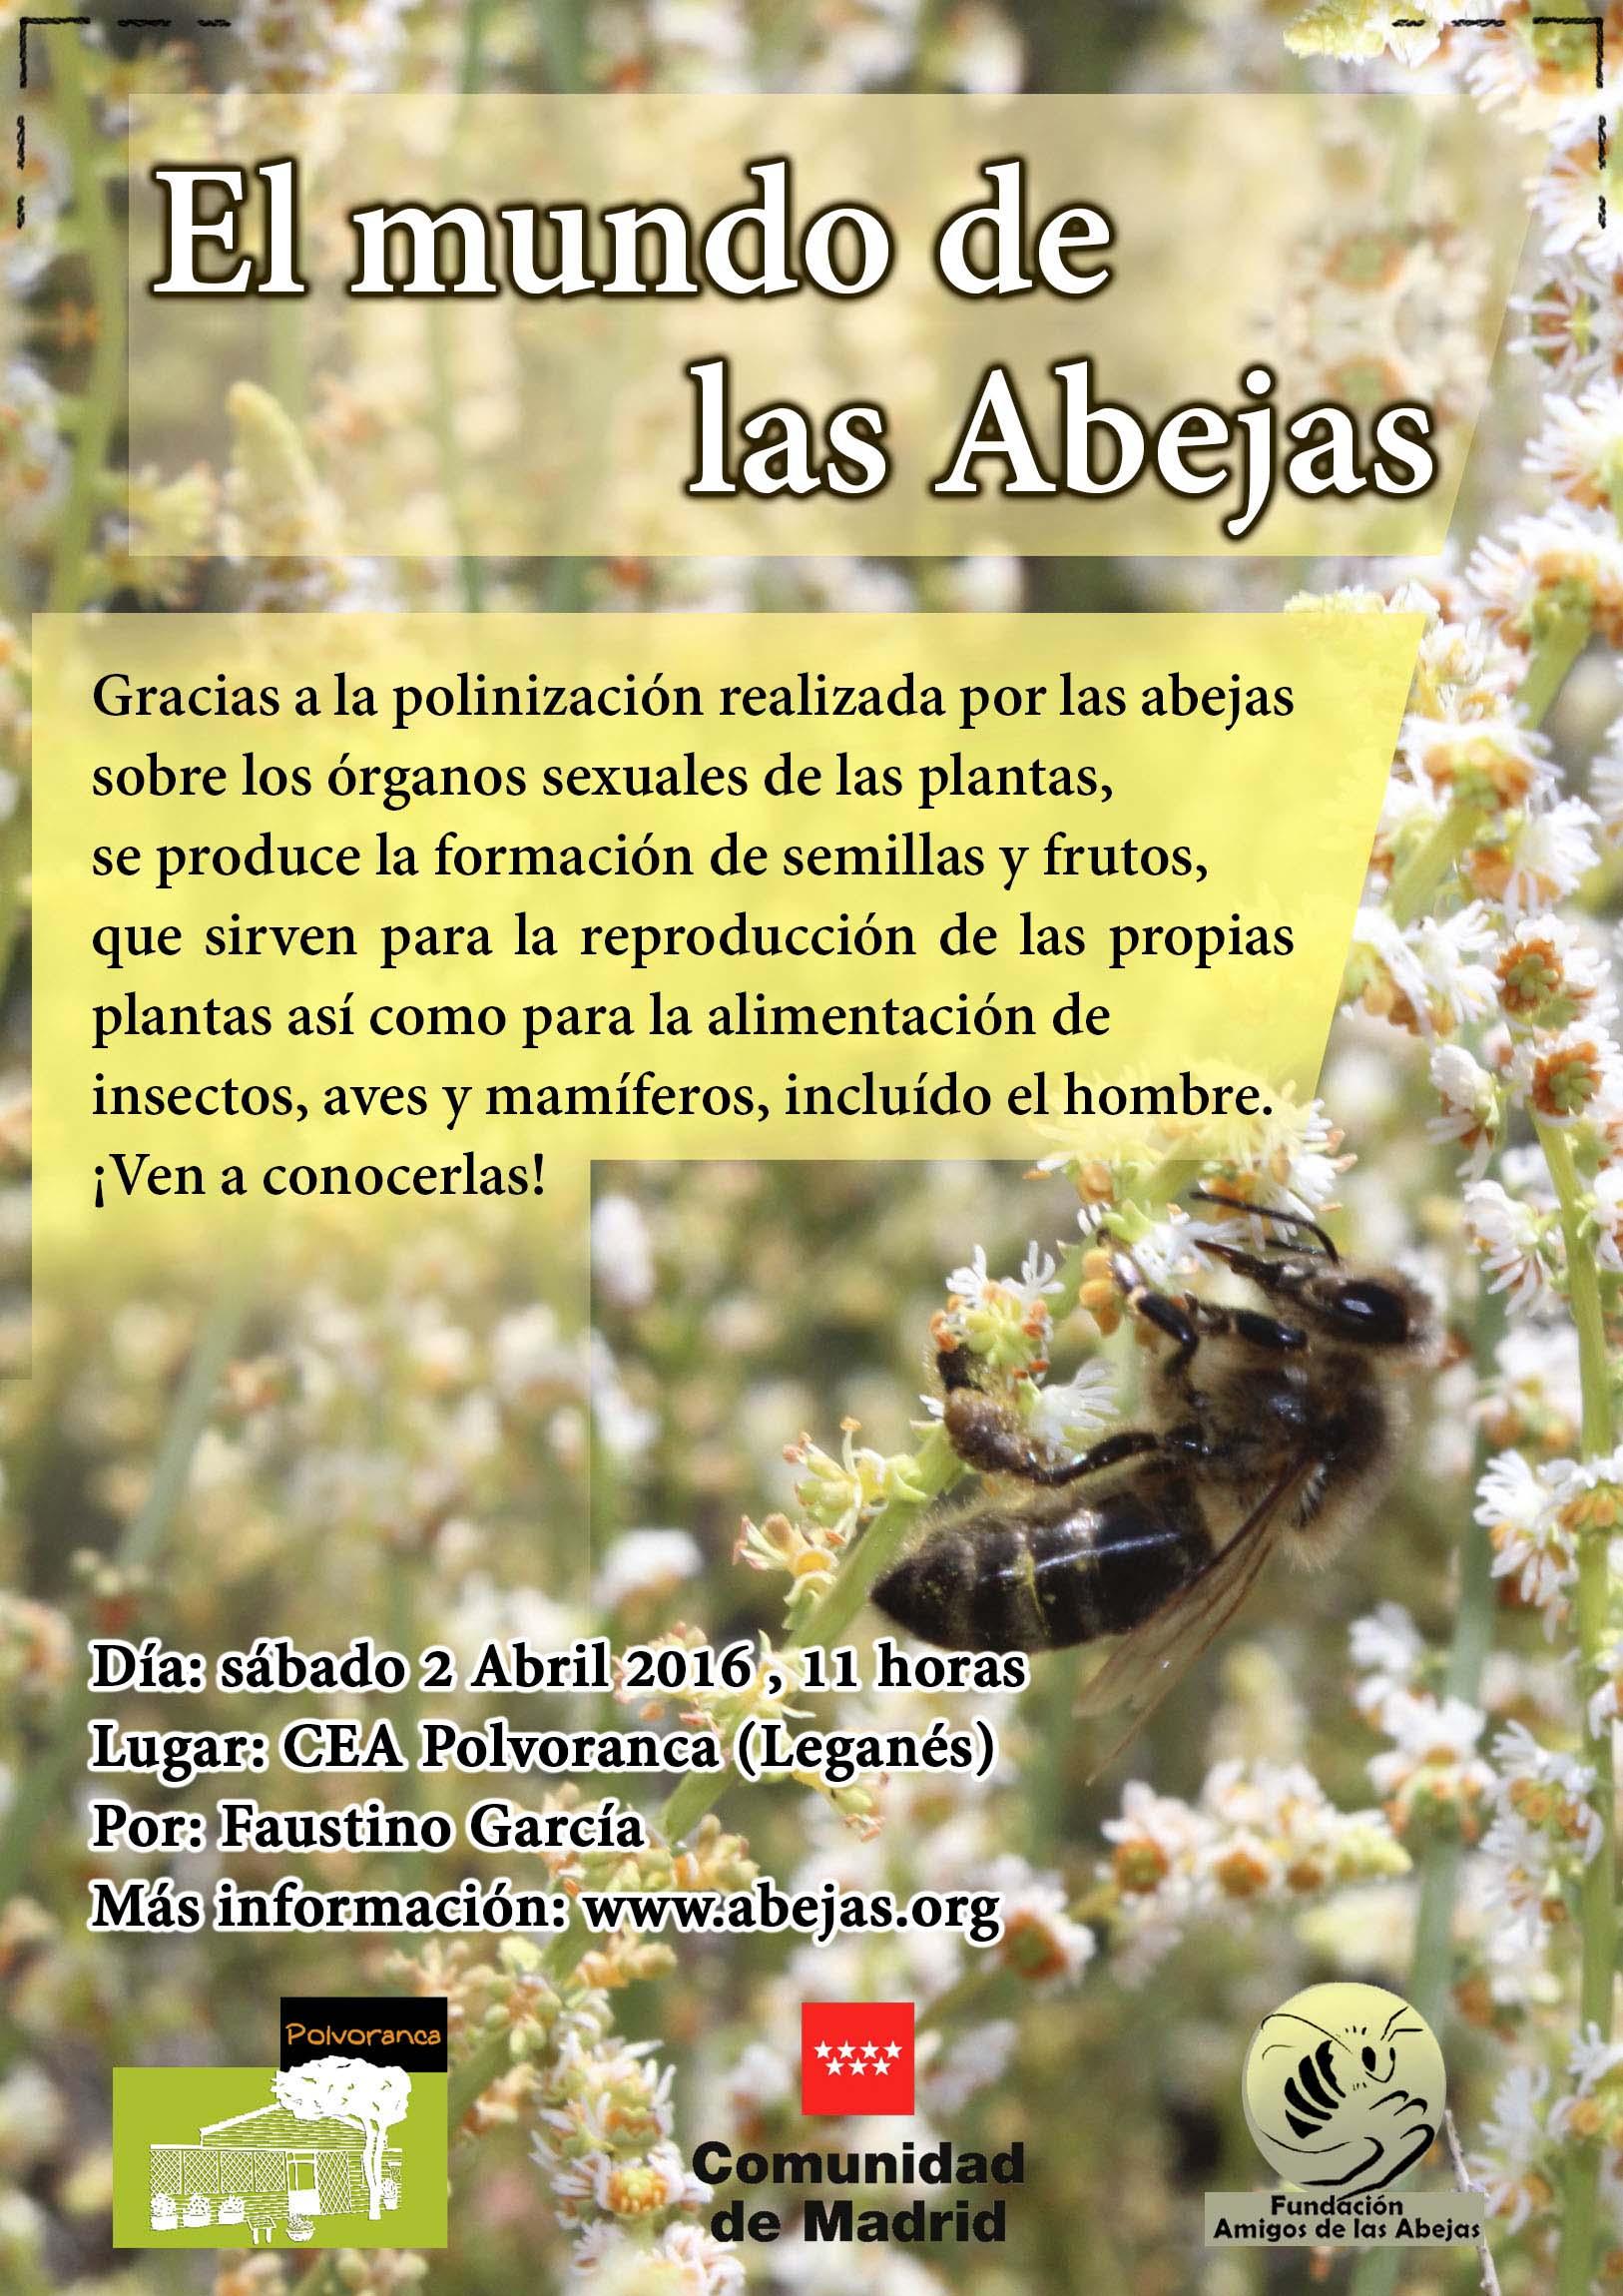 faa – carteles 2-4 mundo abejas-media | Fundación Amigos de las Abejas